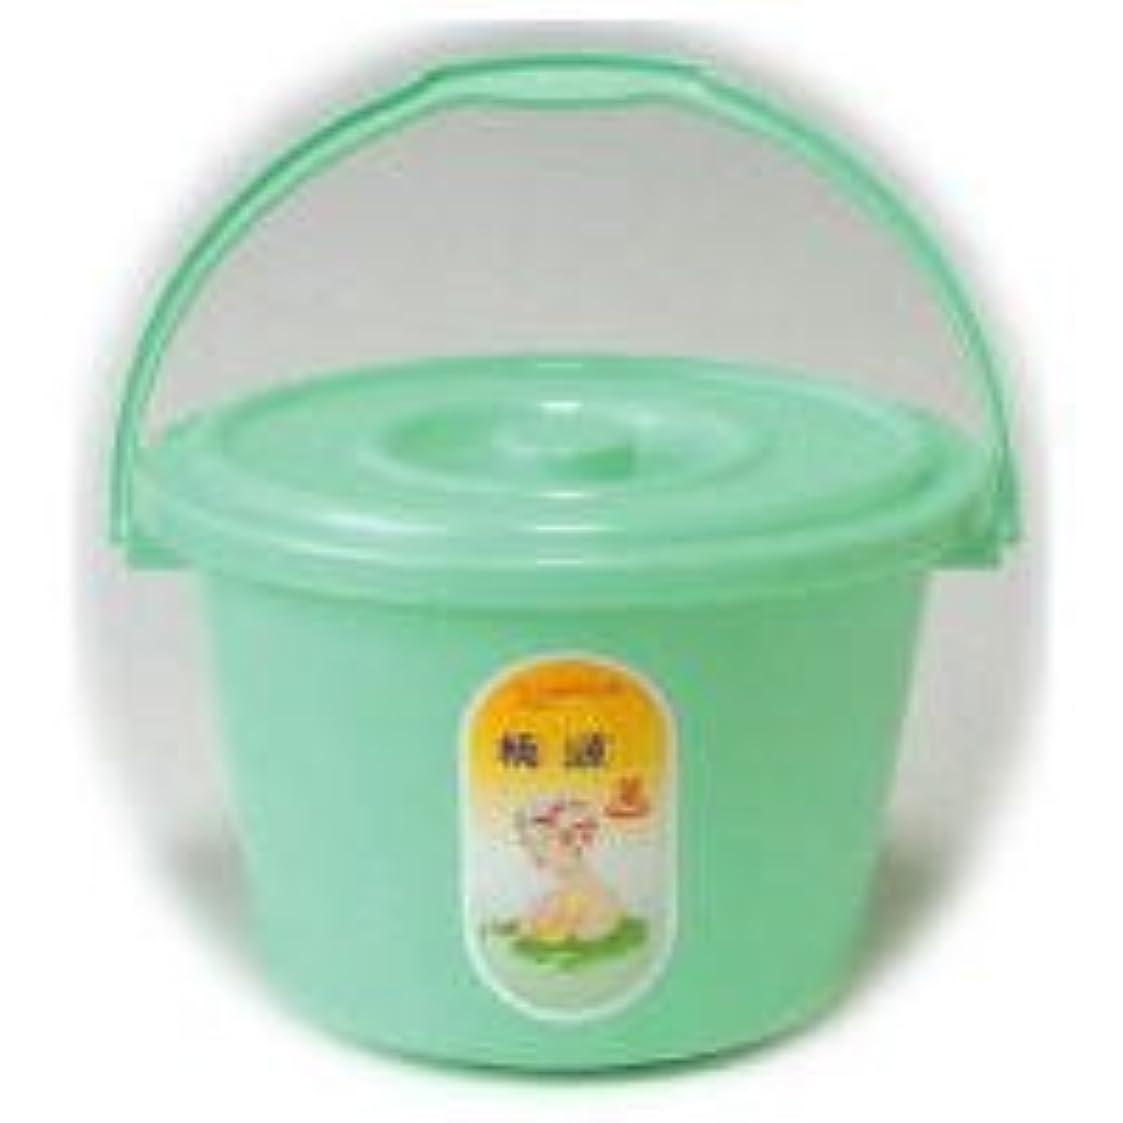 トチの実の木マディソン残酷桃源(とうげん) 桃の葉の精 4kg バケツ入り